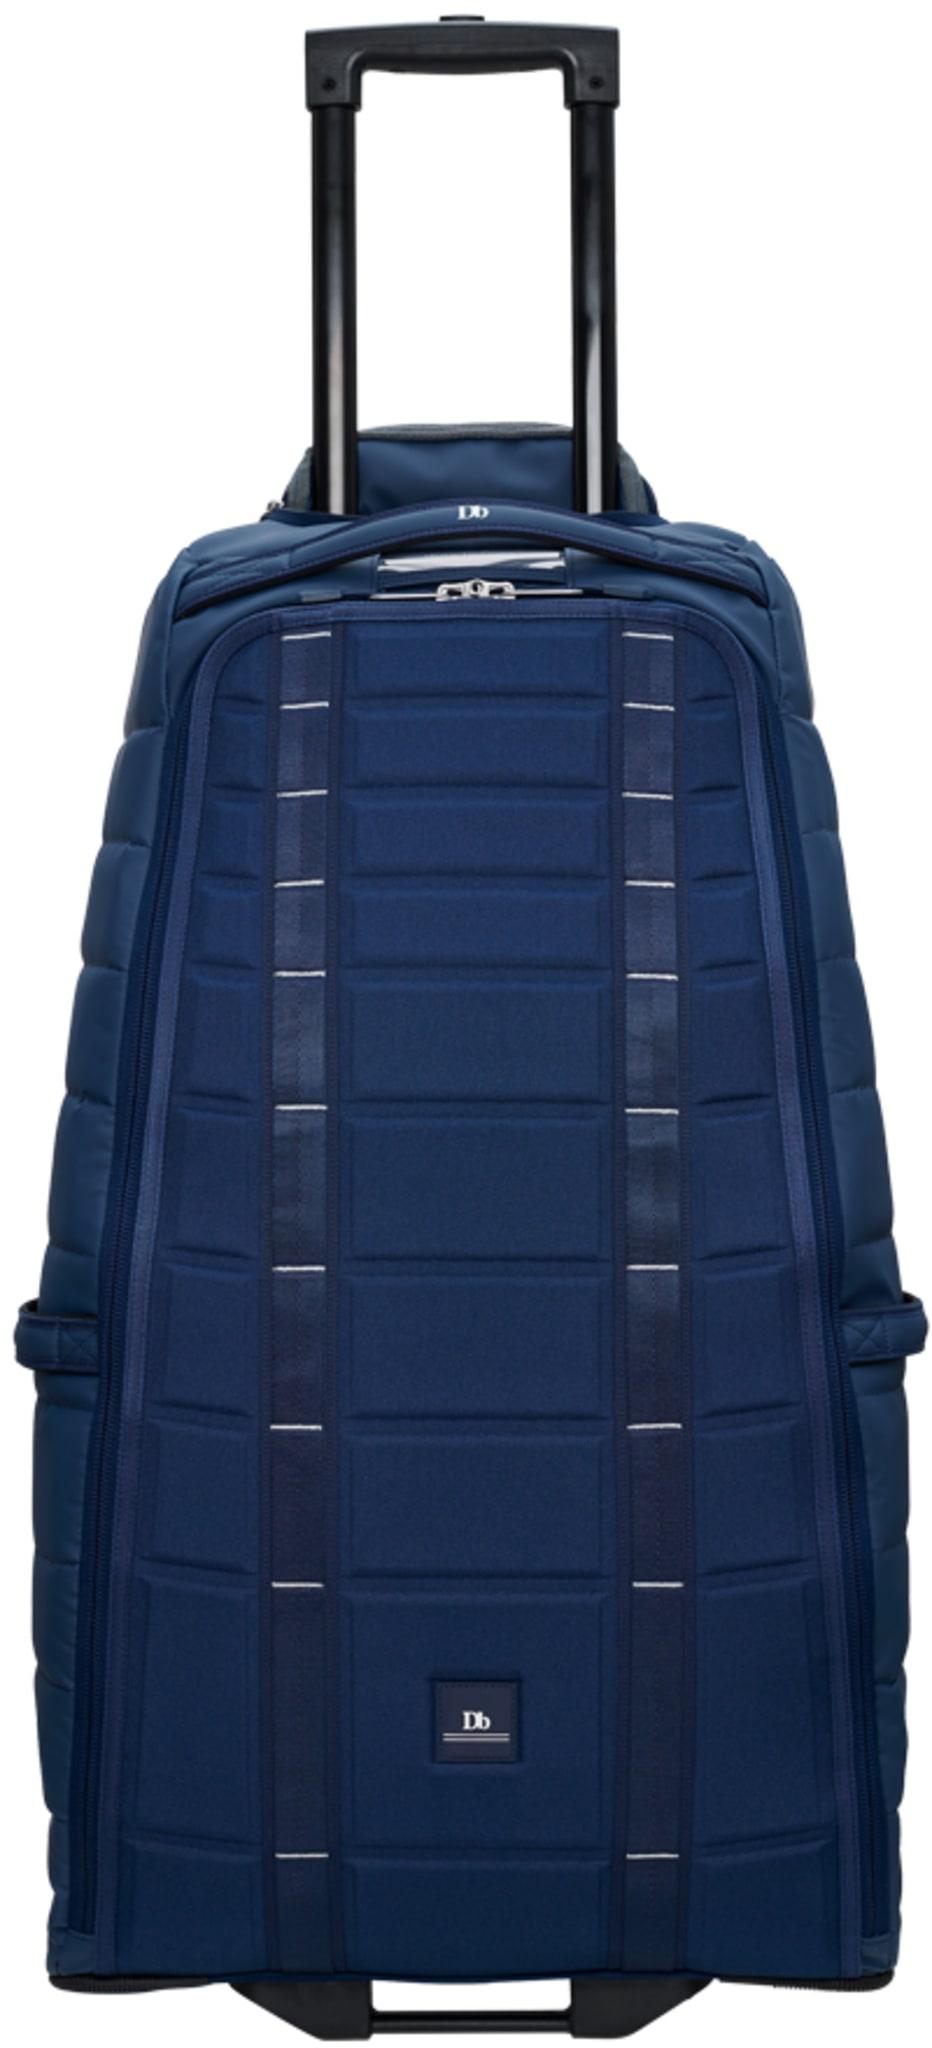 60-liters rullebag som gjør reisen din enklere